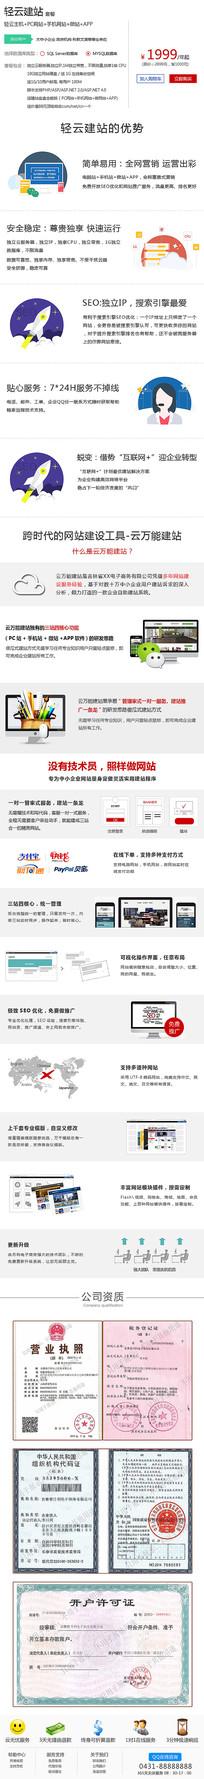 商务风企业建站详情页 PSD